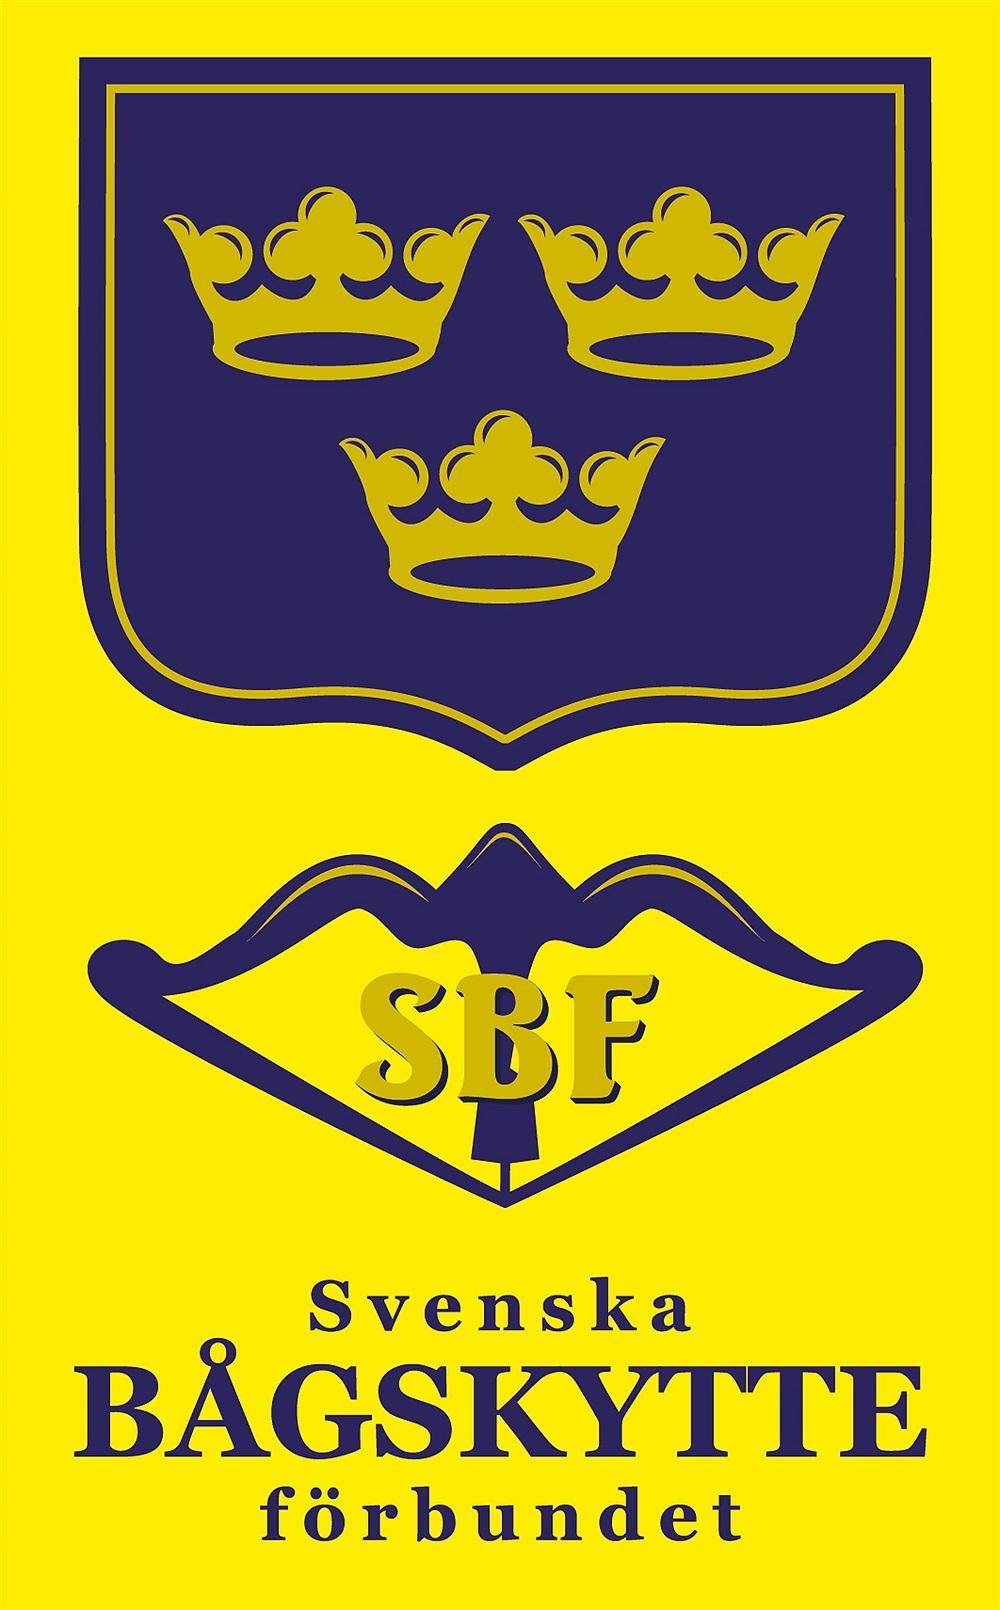 logotyp bågskytteförbundet